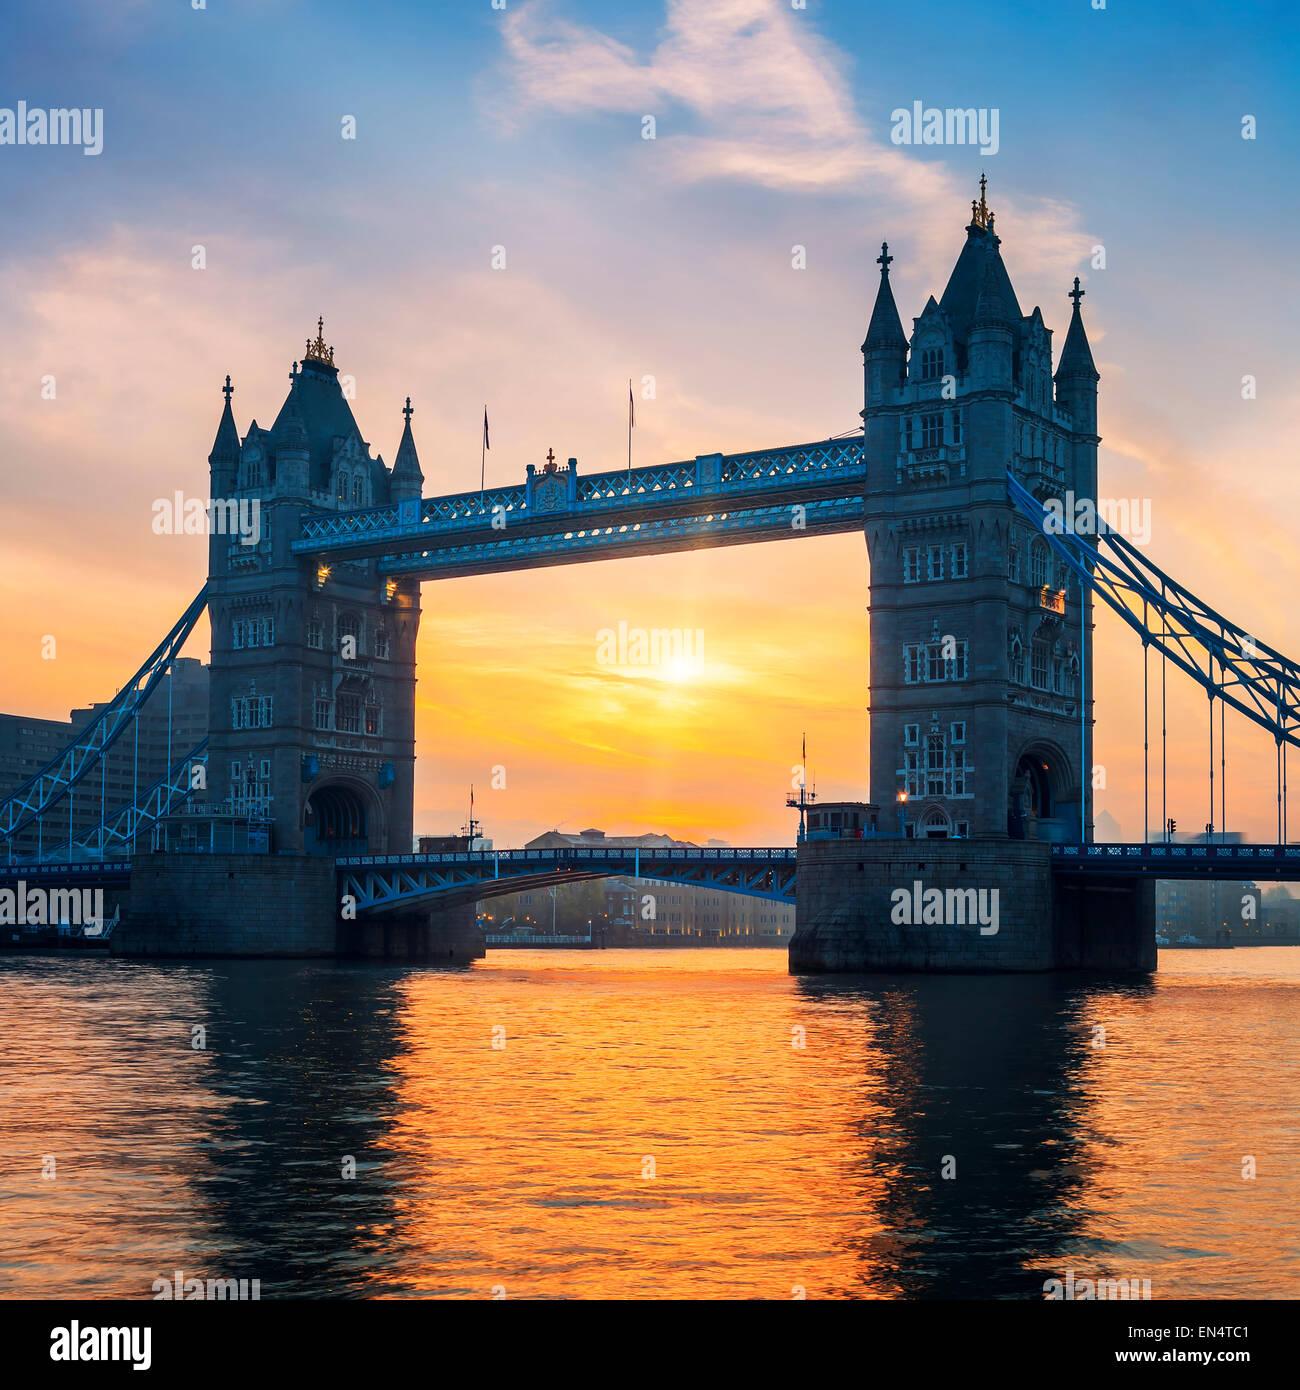 Il Tower Bridge di sunrise, Londra. Immagini Stock